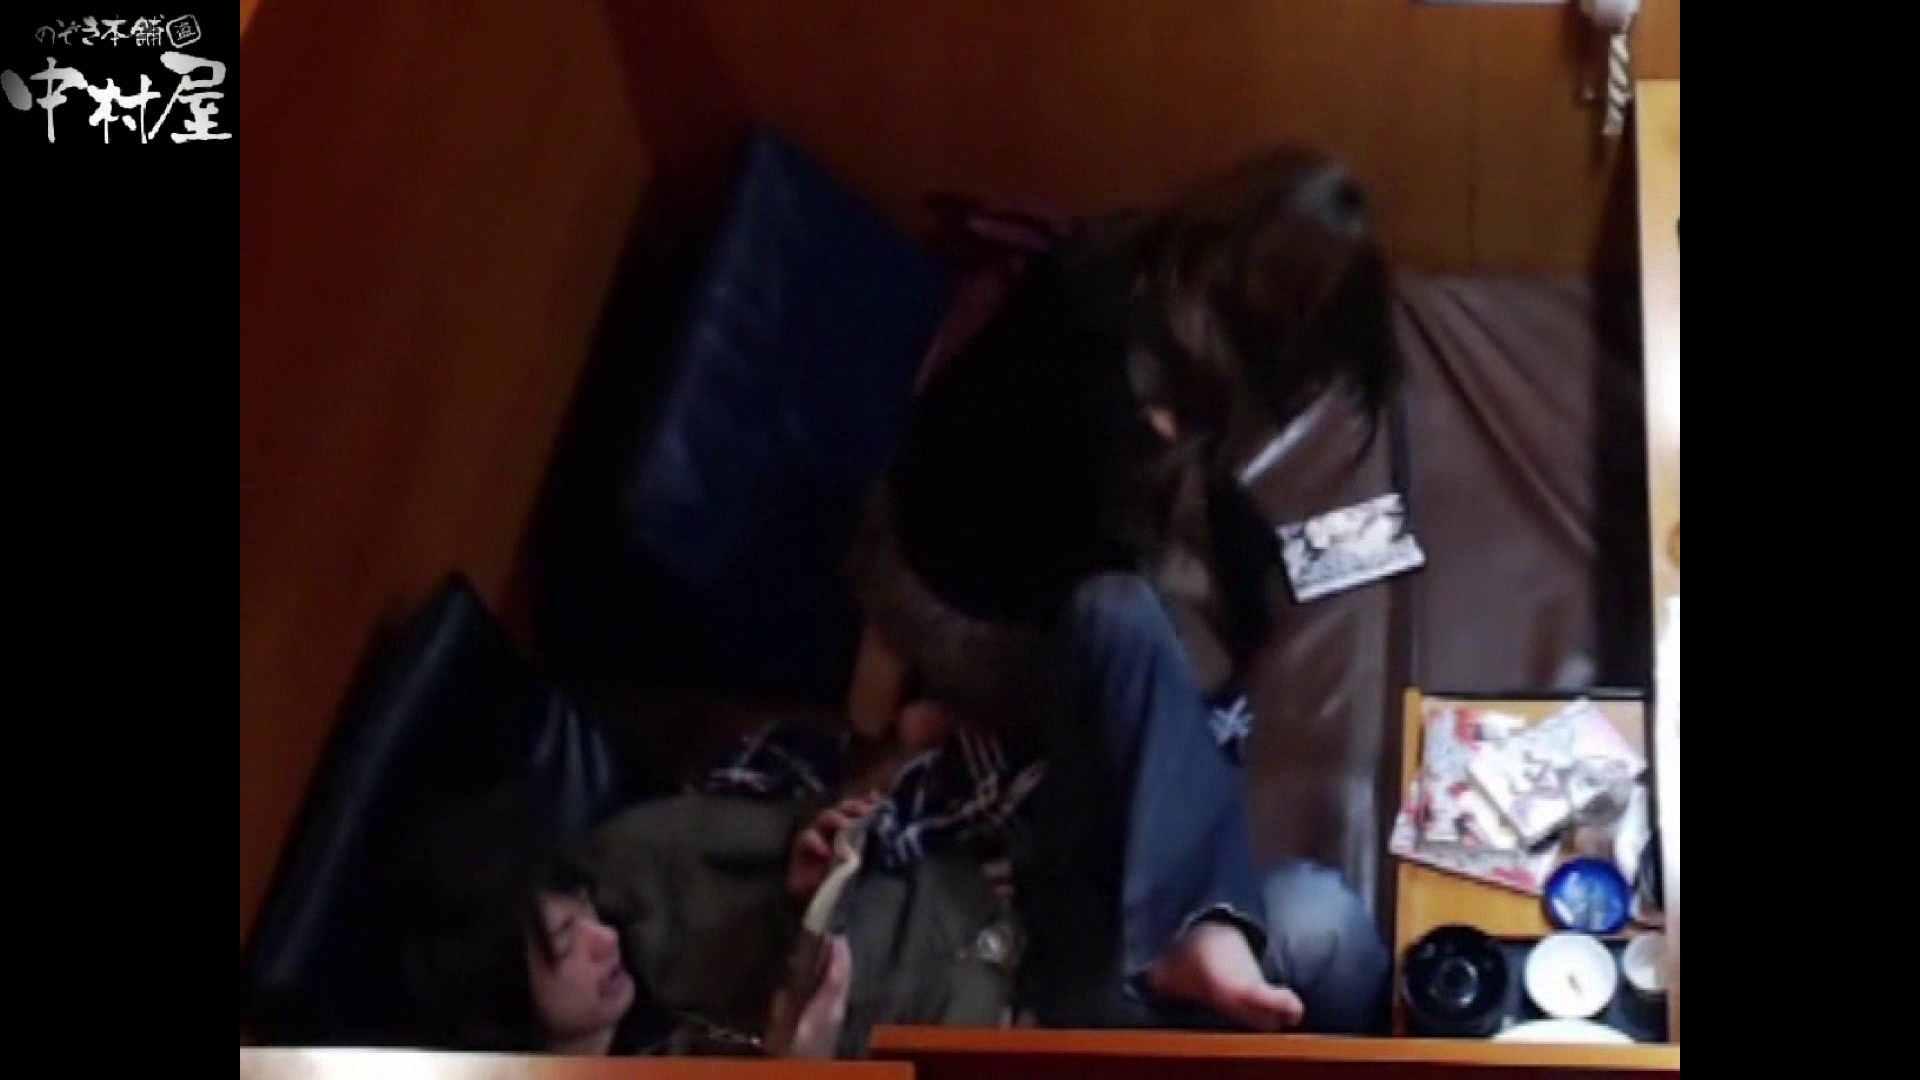 ネットカフェ盗撮師トロントさんの 素人カップル盗撮記vol.4 おっぱい セックス無修正動画無料 87pic 17